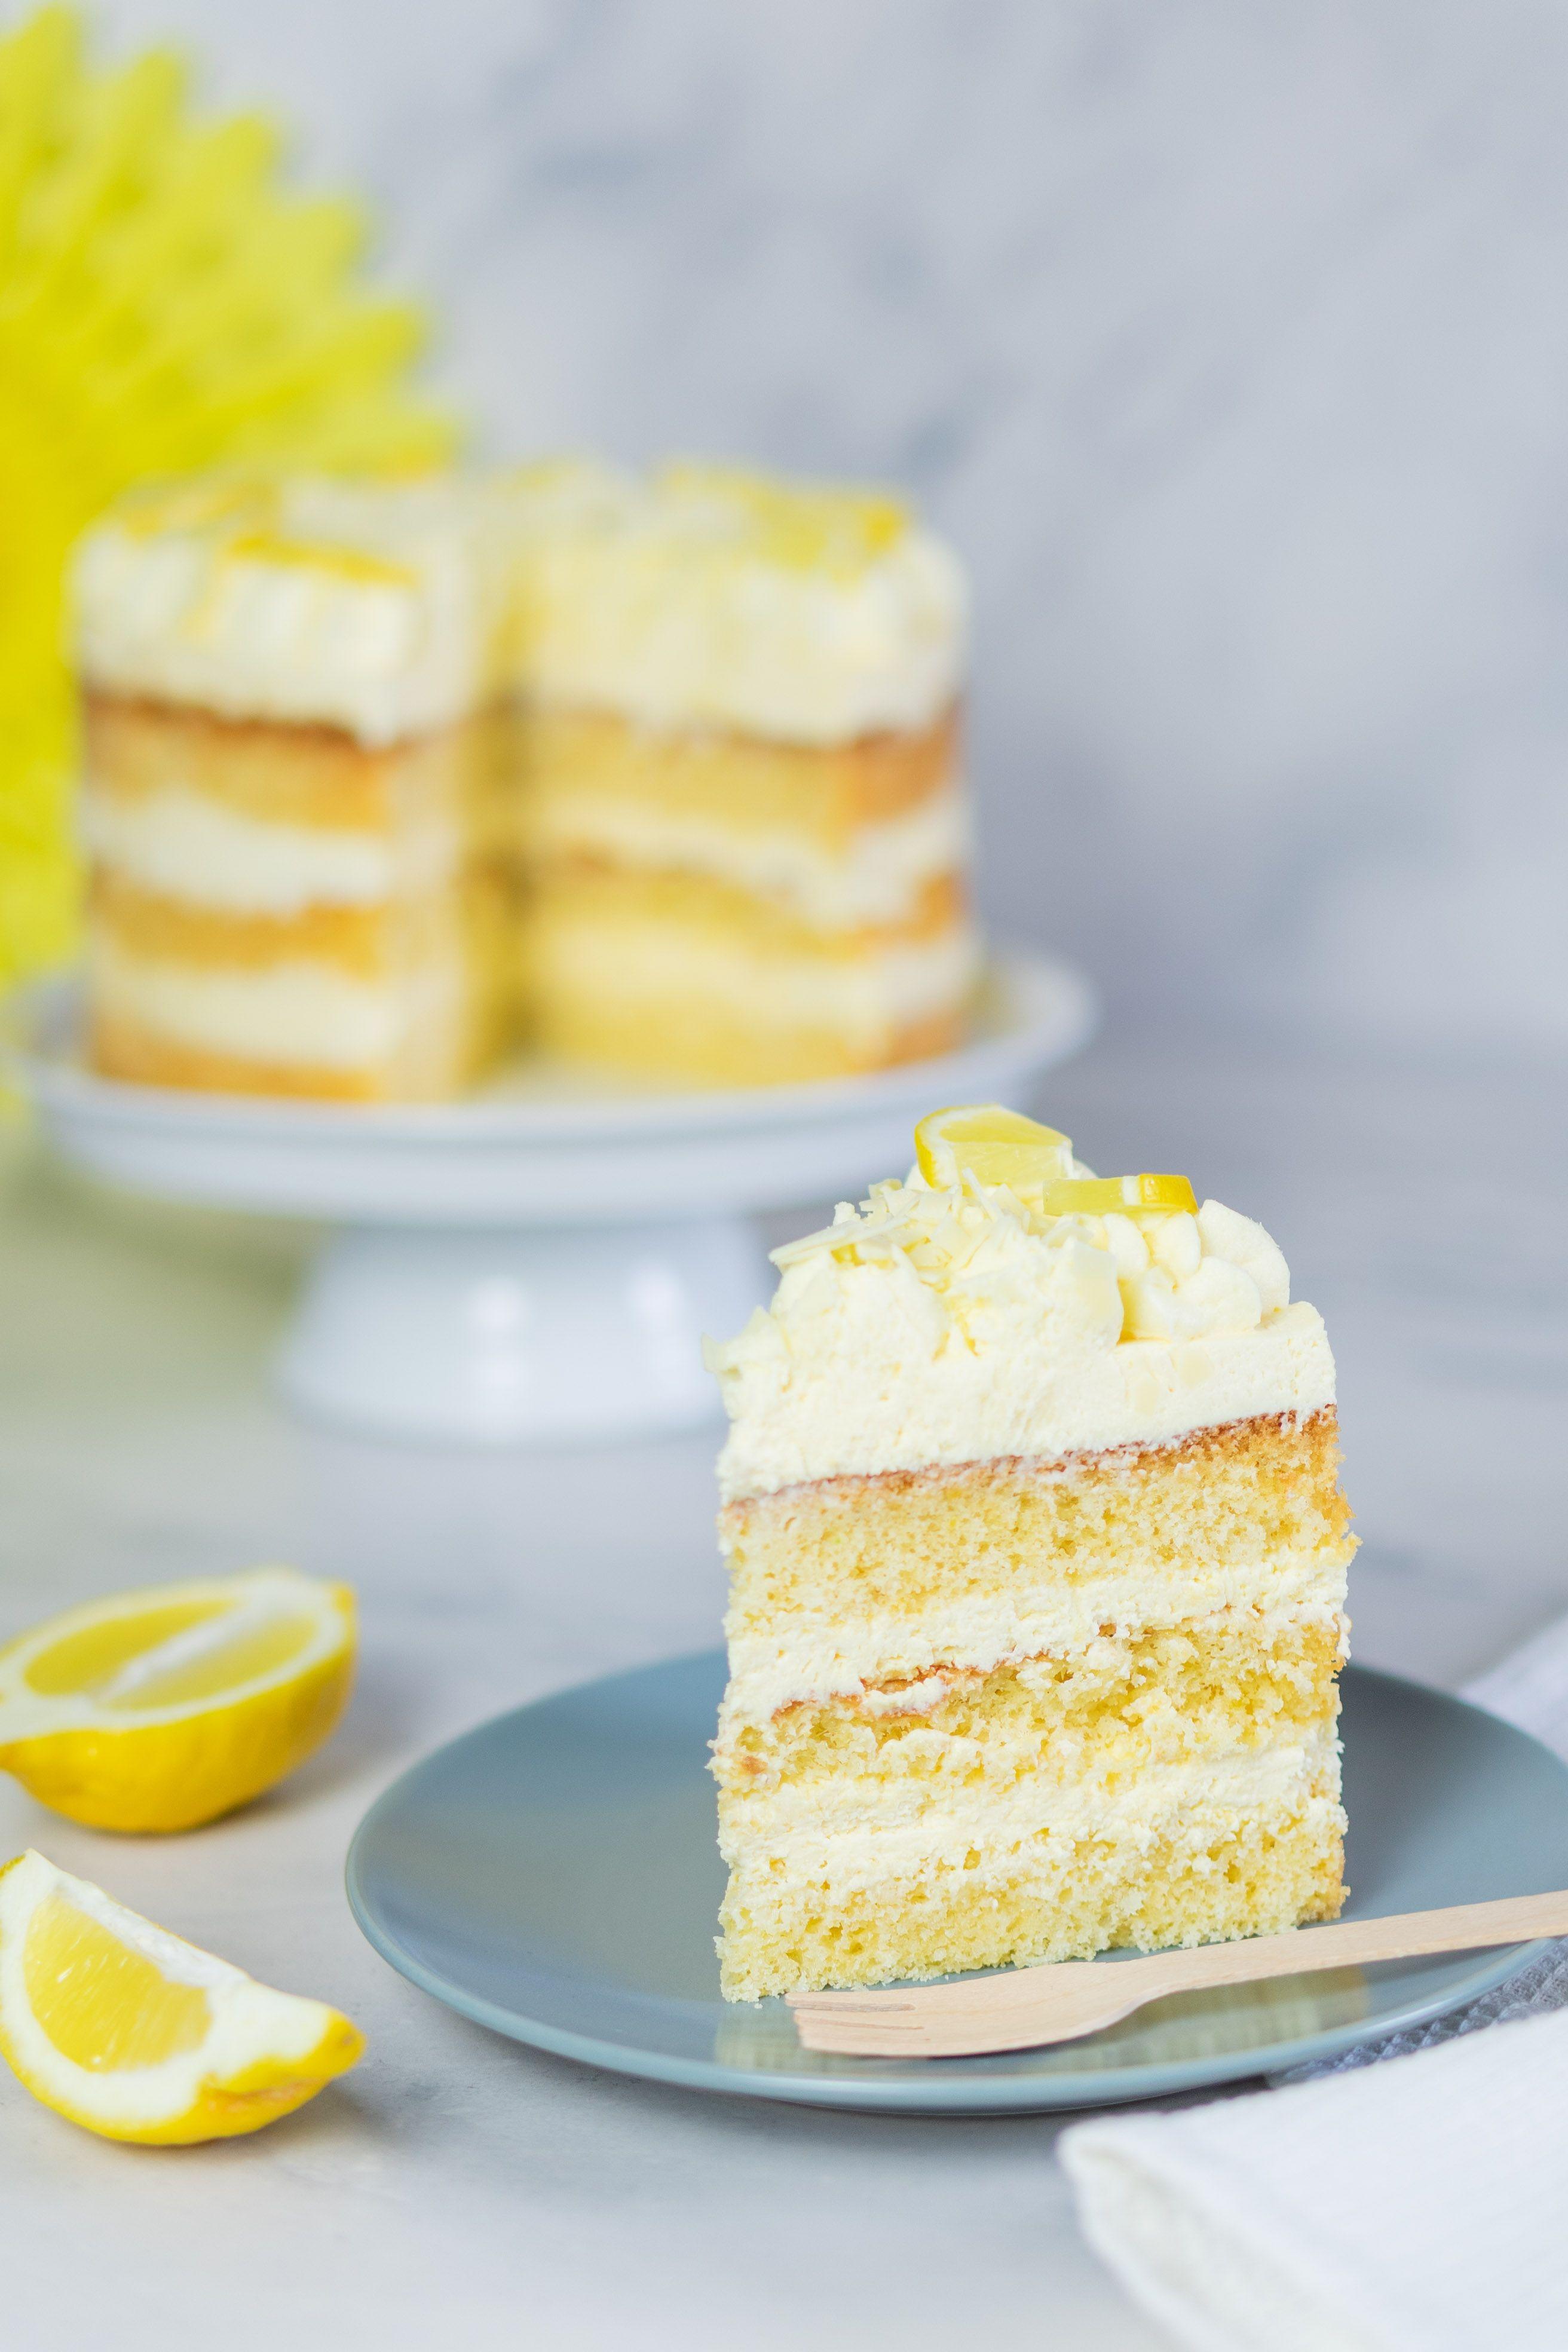 Zitronencreme Torte Mit Lemon Curd Mein Naschgluck Rezept Zitronencreme Torte Zitronen Creme Zitronencreme